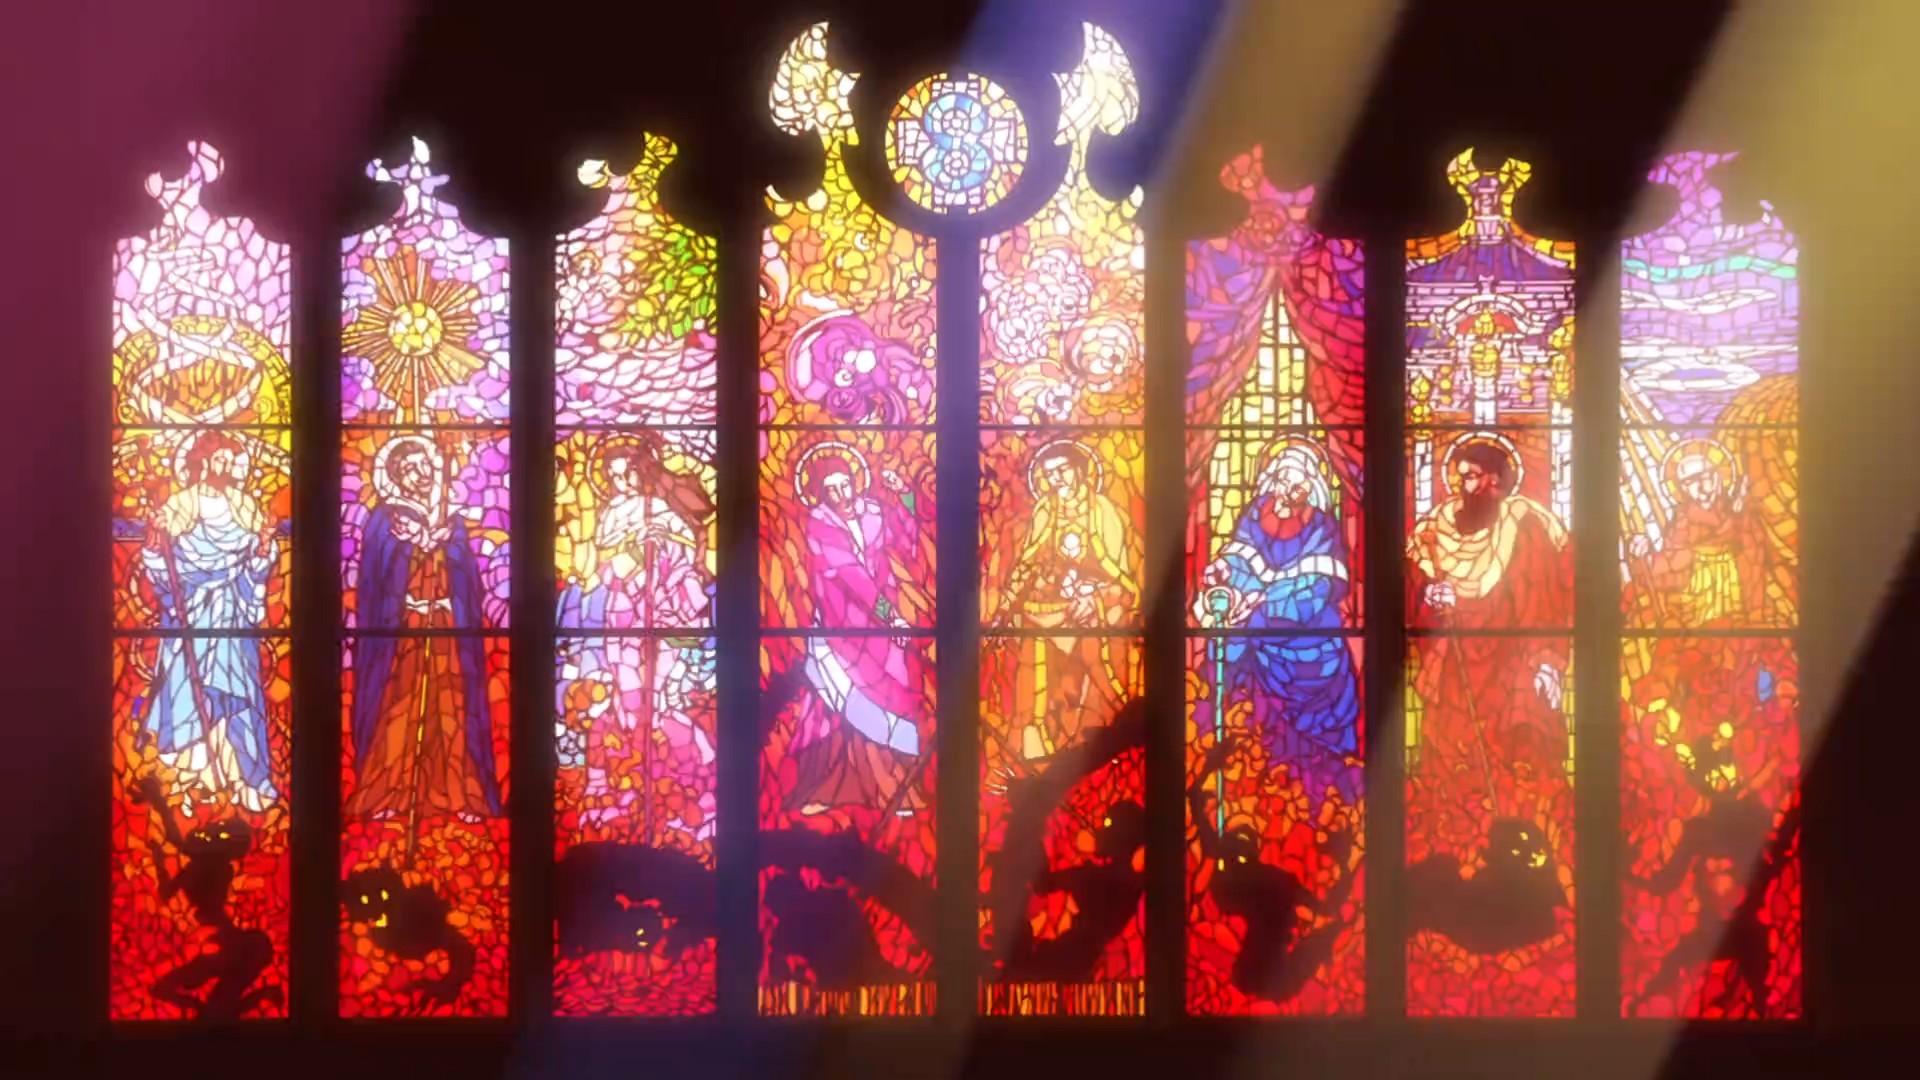 Les vitraux de l'église de Latum